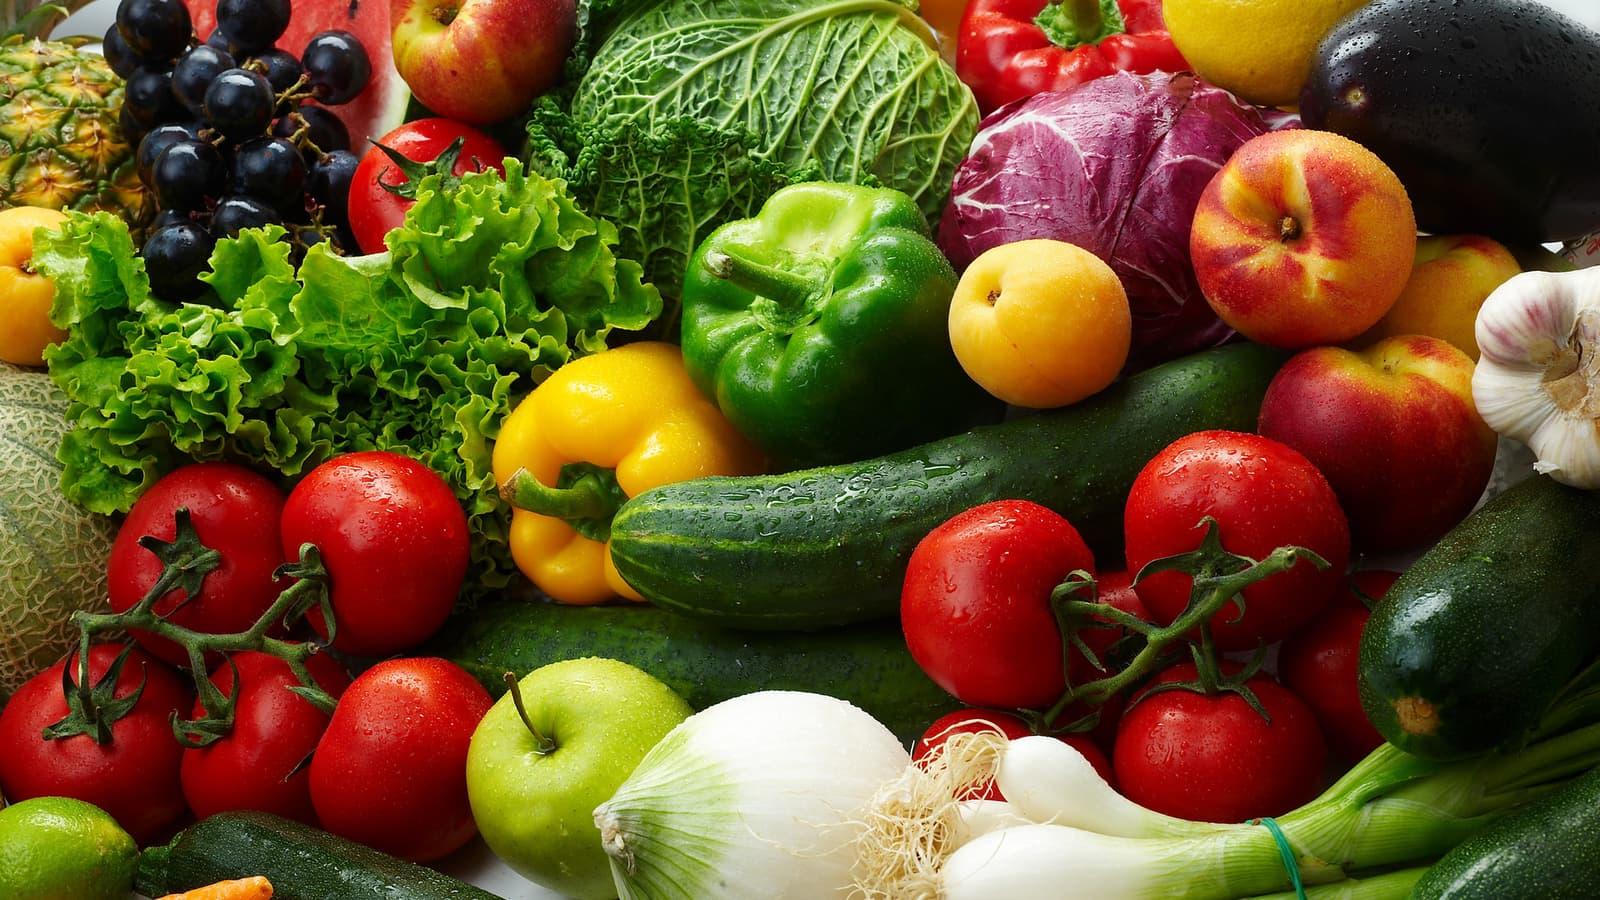 Аграриям Башкортостана предложили выращивать фрукты и овощи в Узбекистане